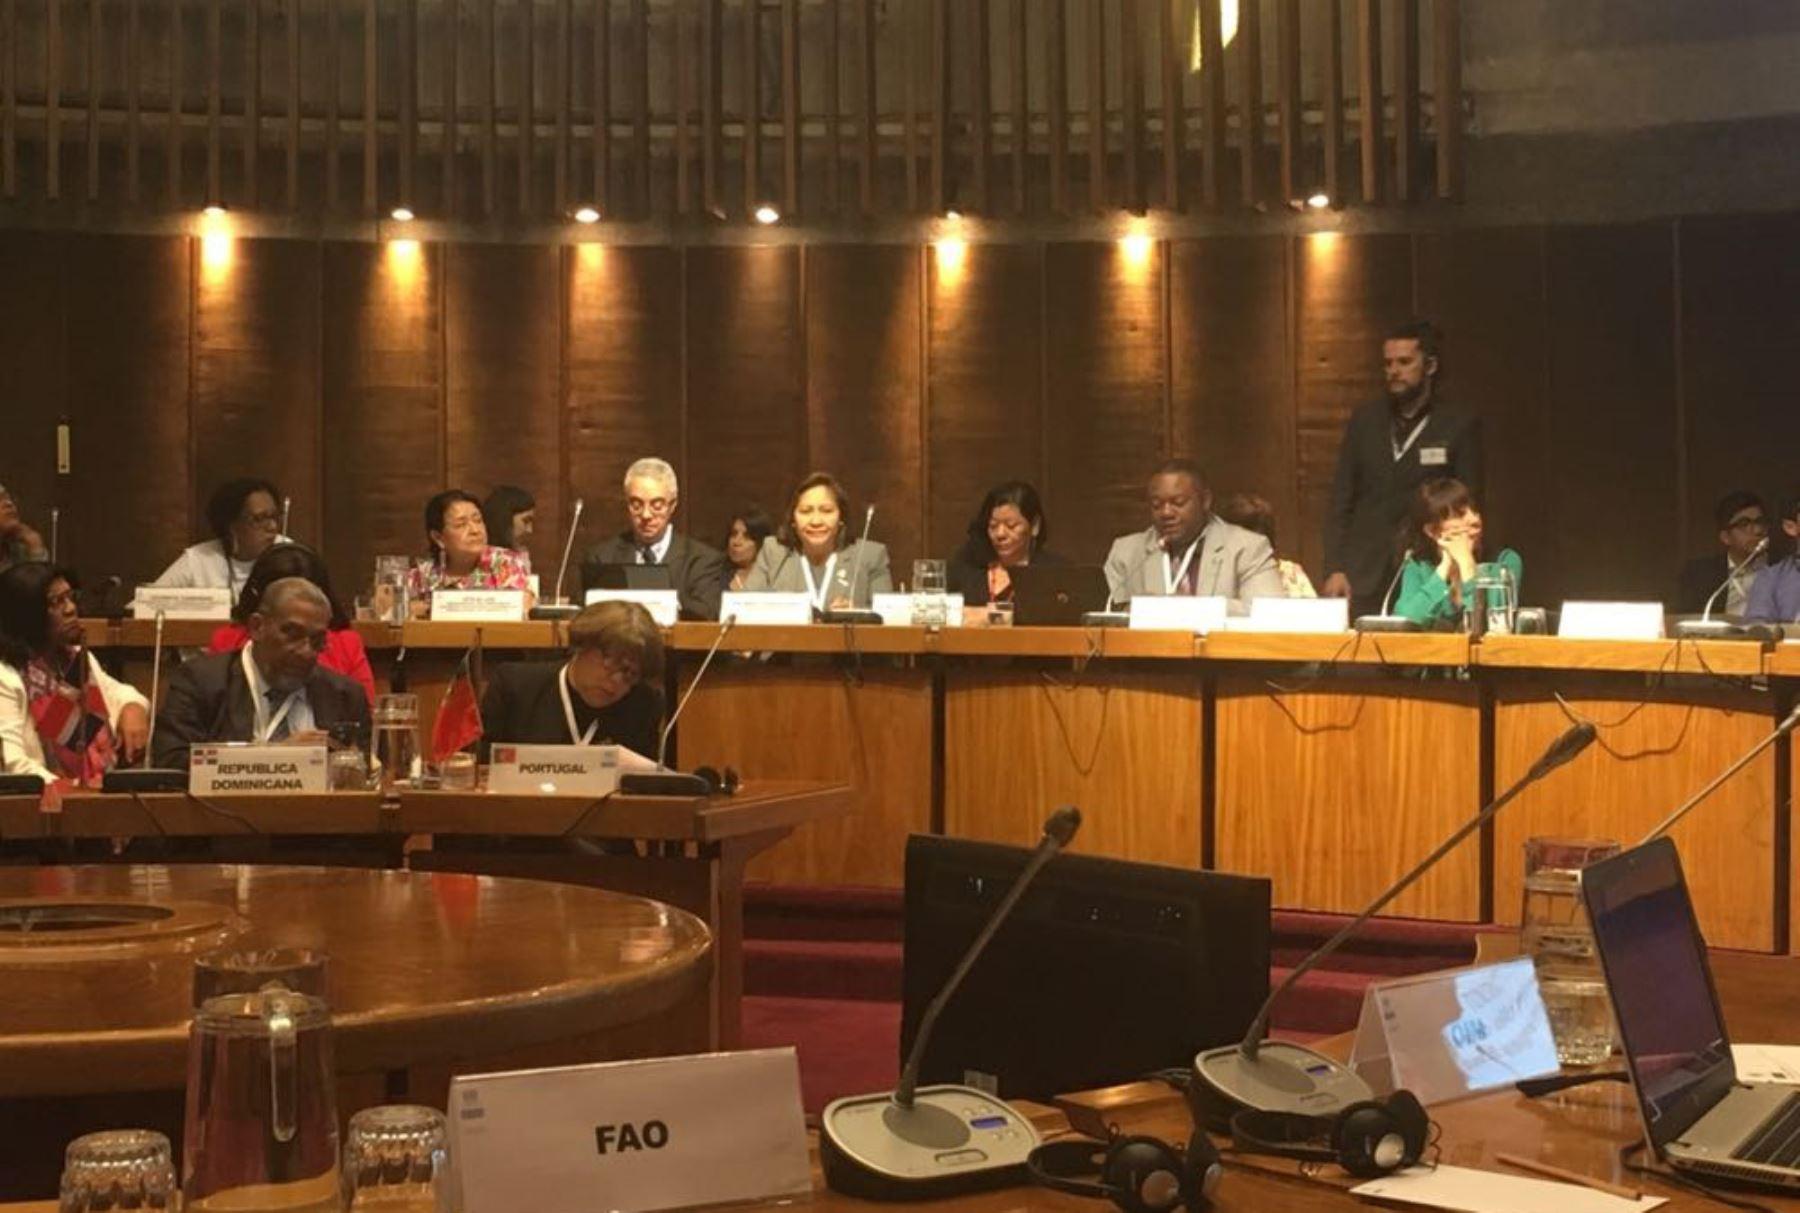 Ministra Ana María Choquehuanca en foro sobre población y desarrollo en Chile.